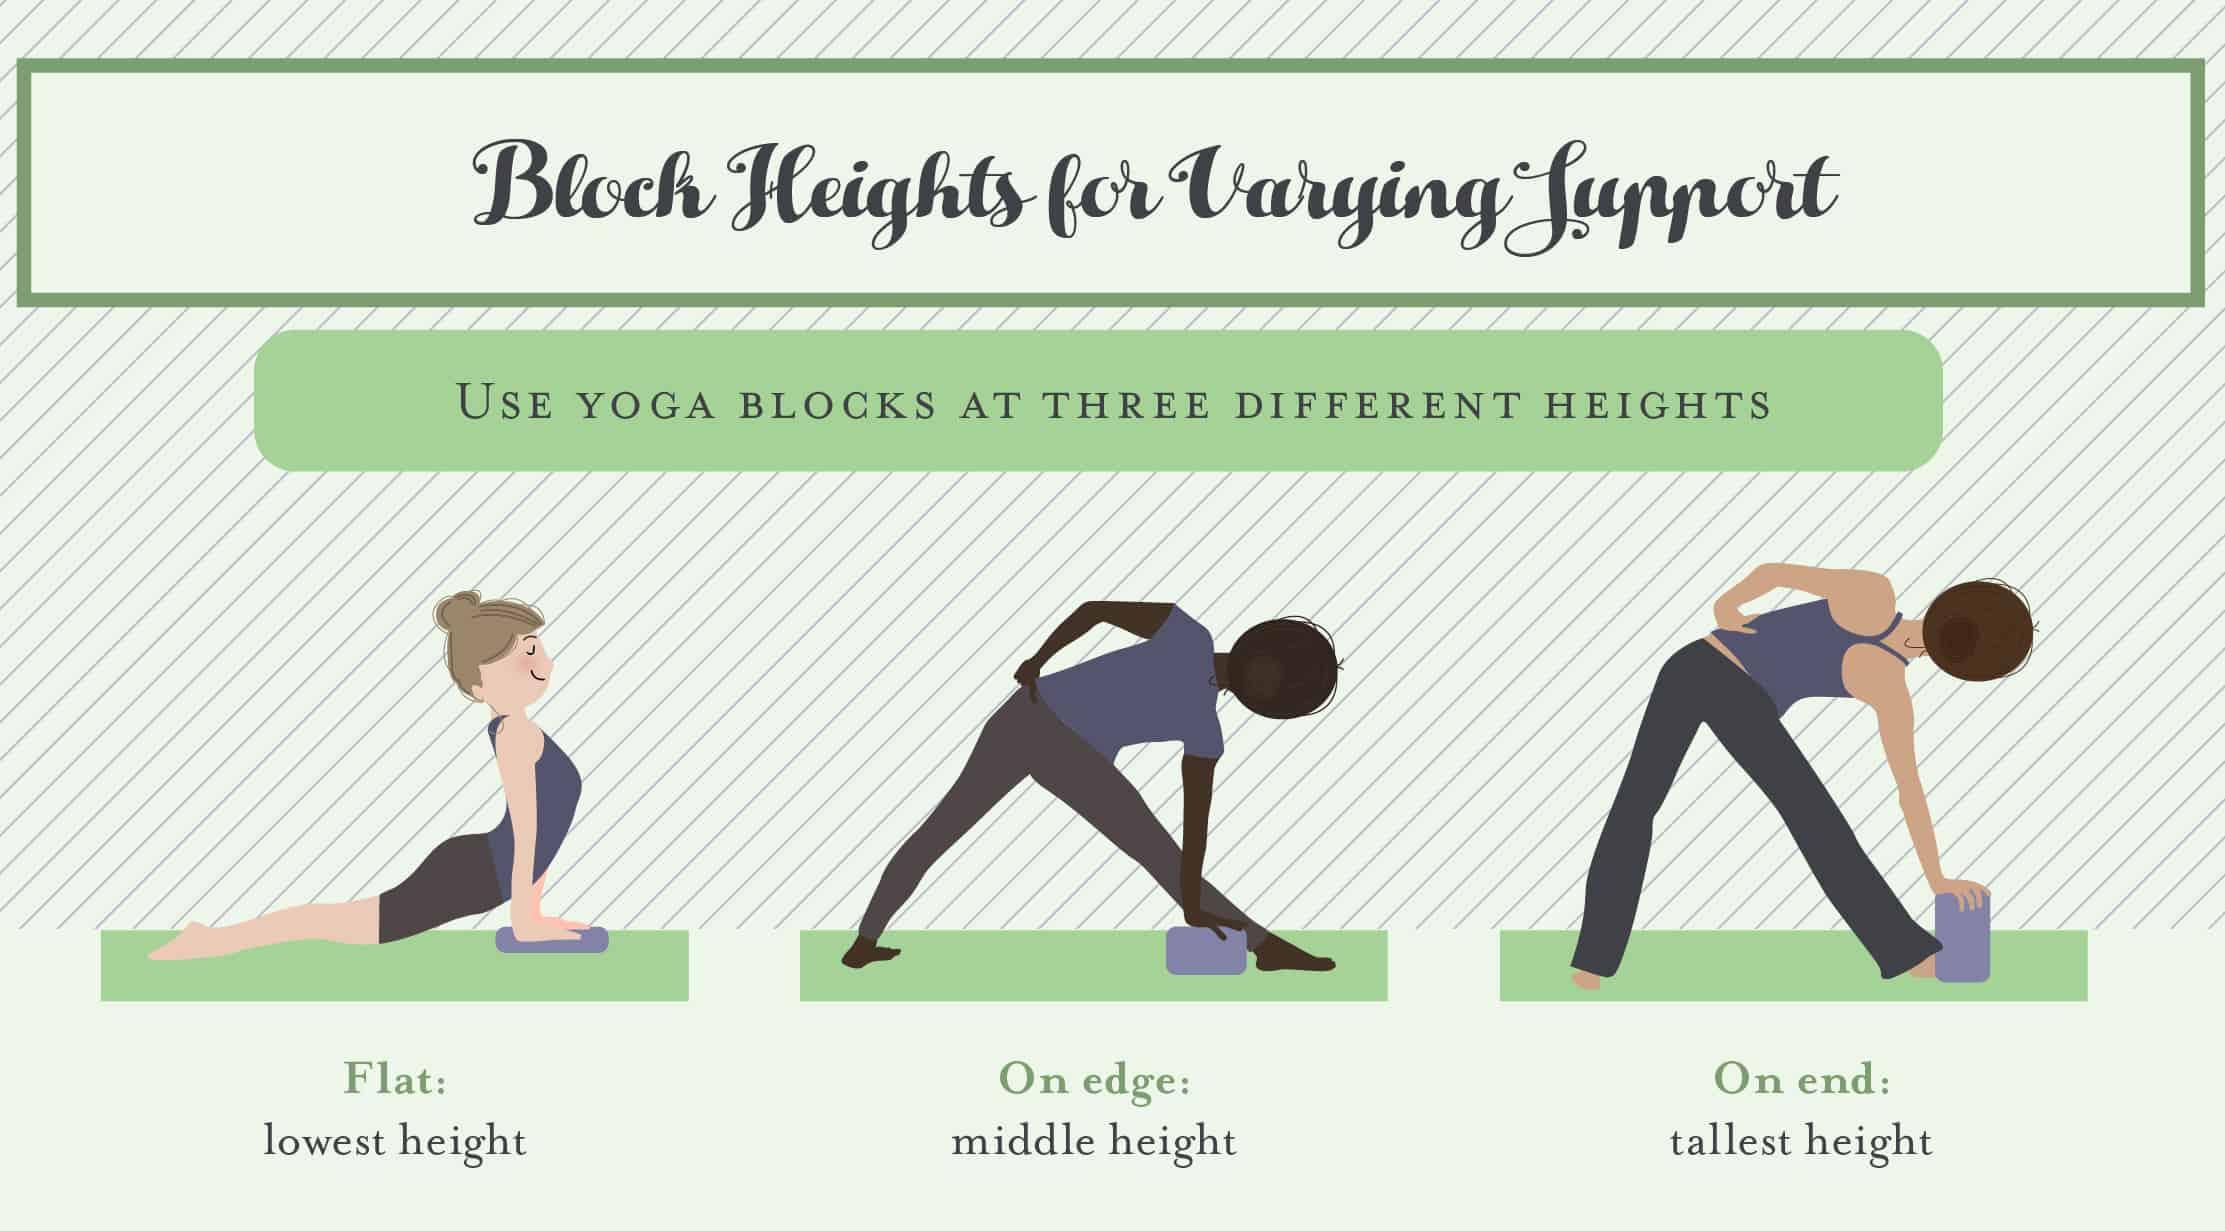 Block Heights